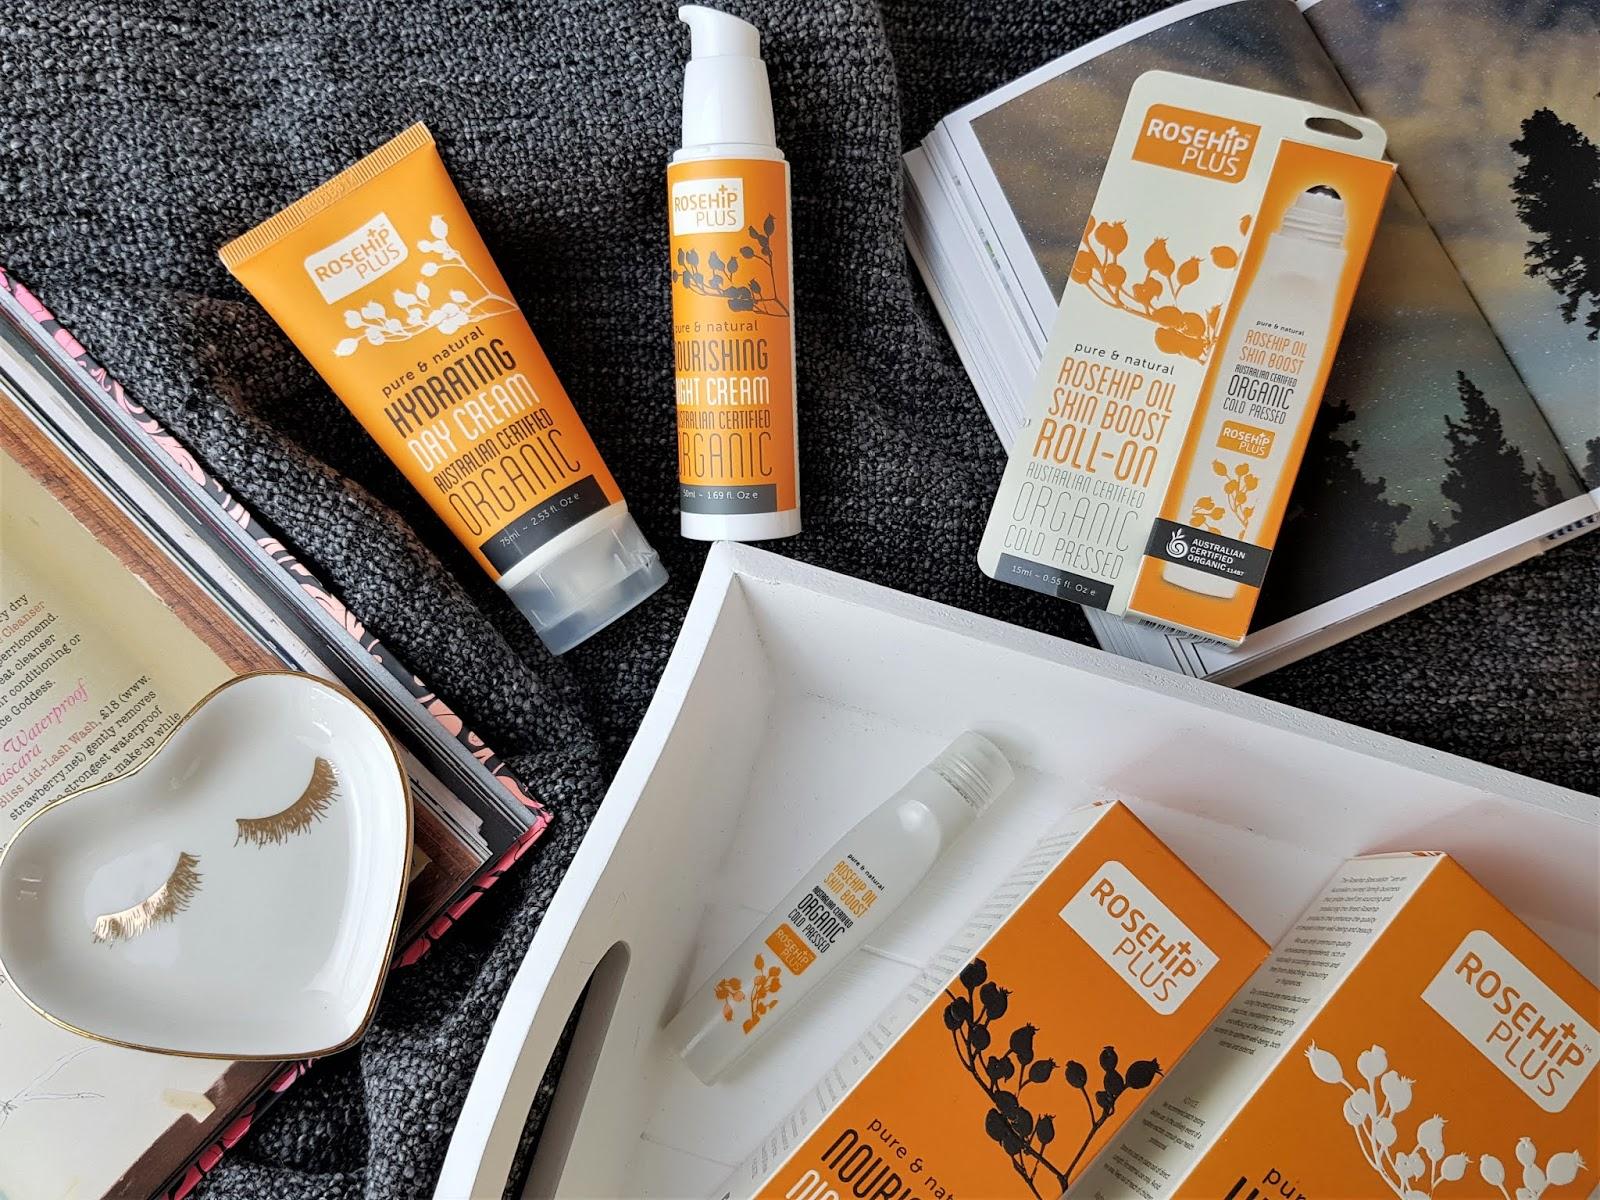 Rosehip Plus Skincare